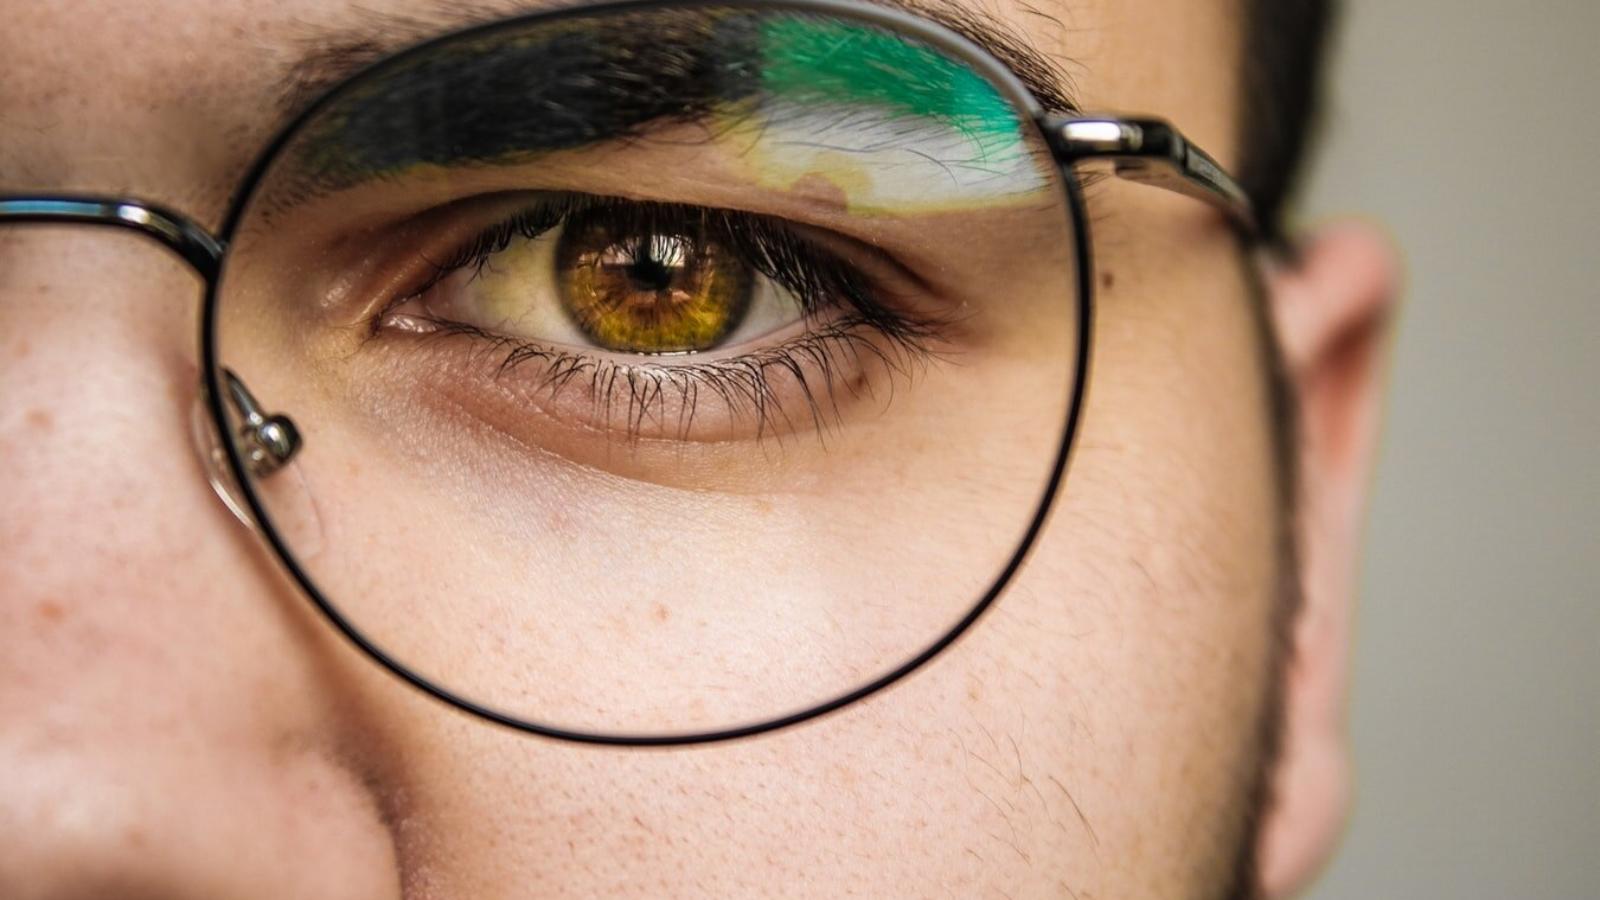 Comment savoir quelles lunettes me vont ?